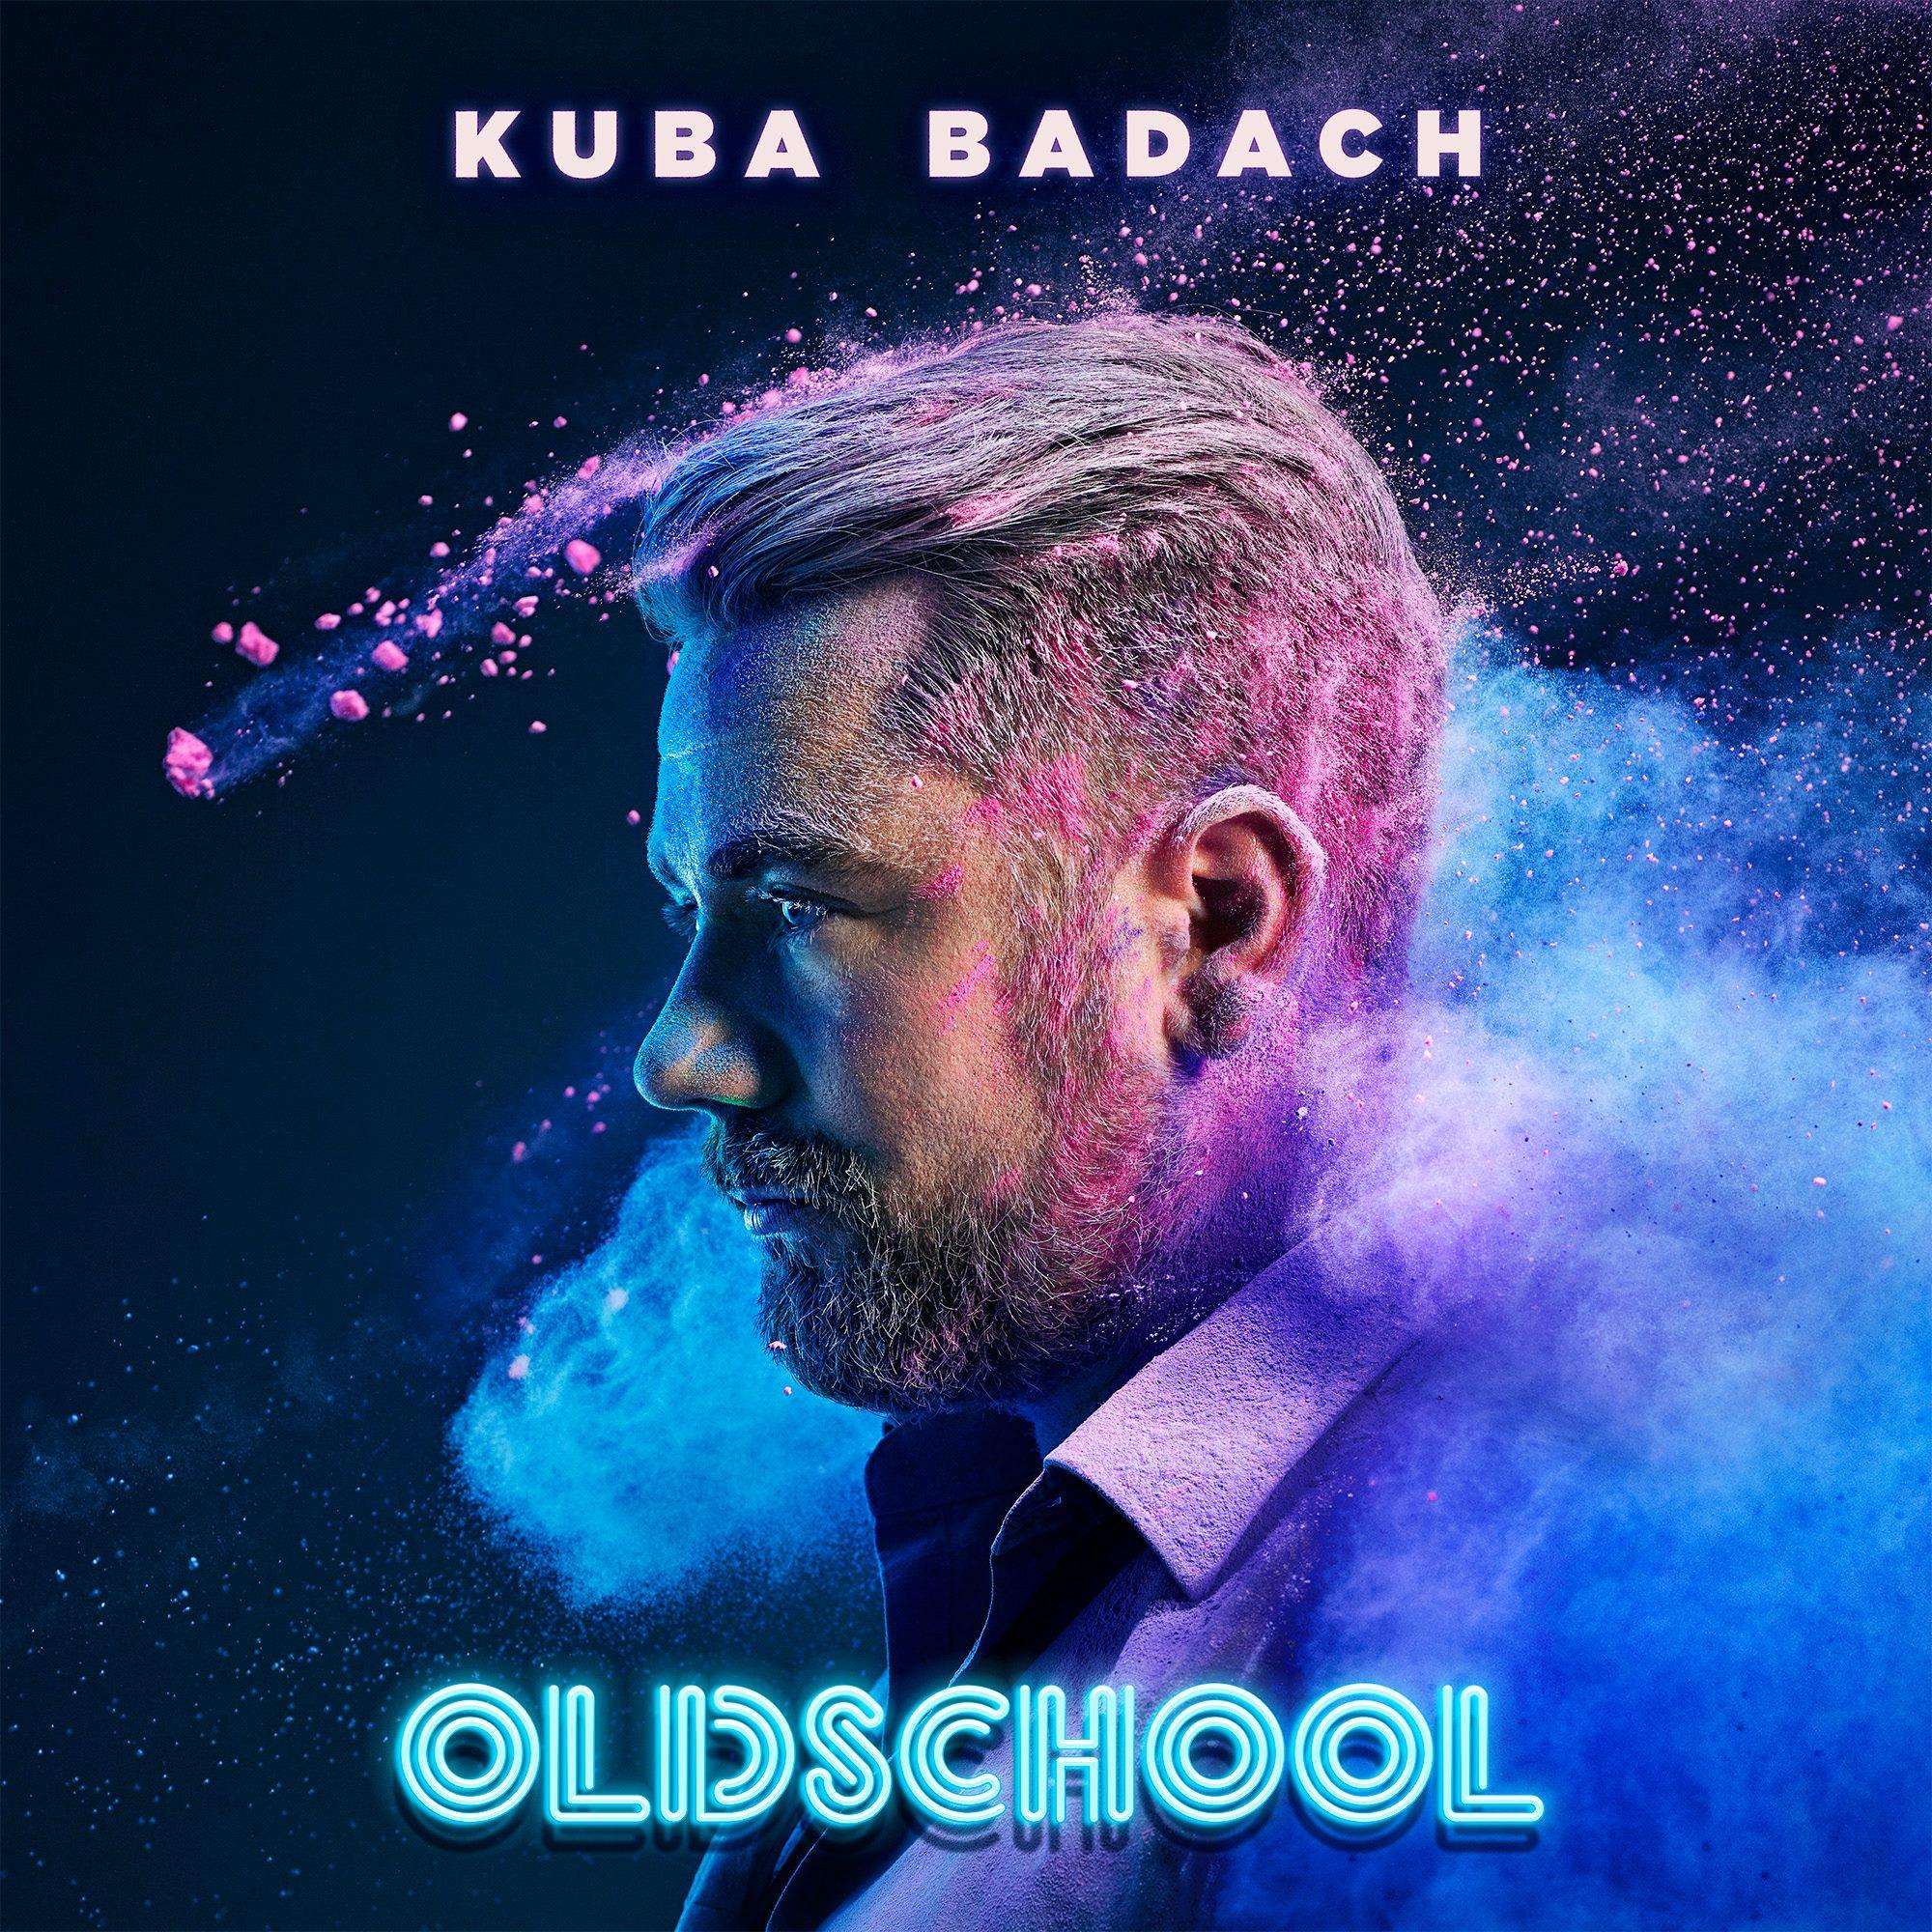 kuba badach oldschool